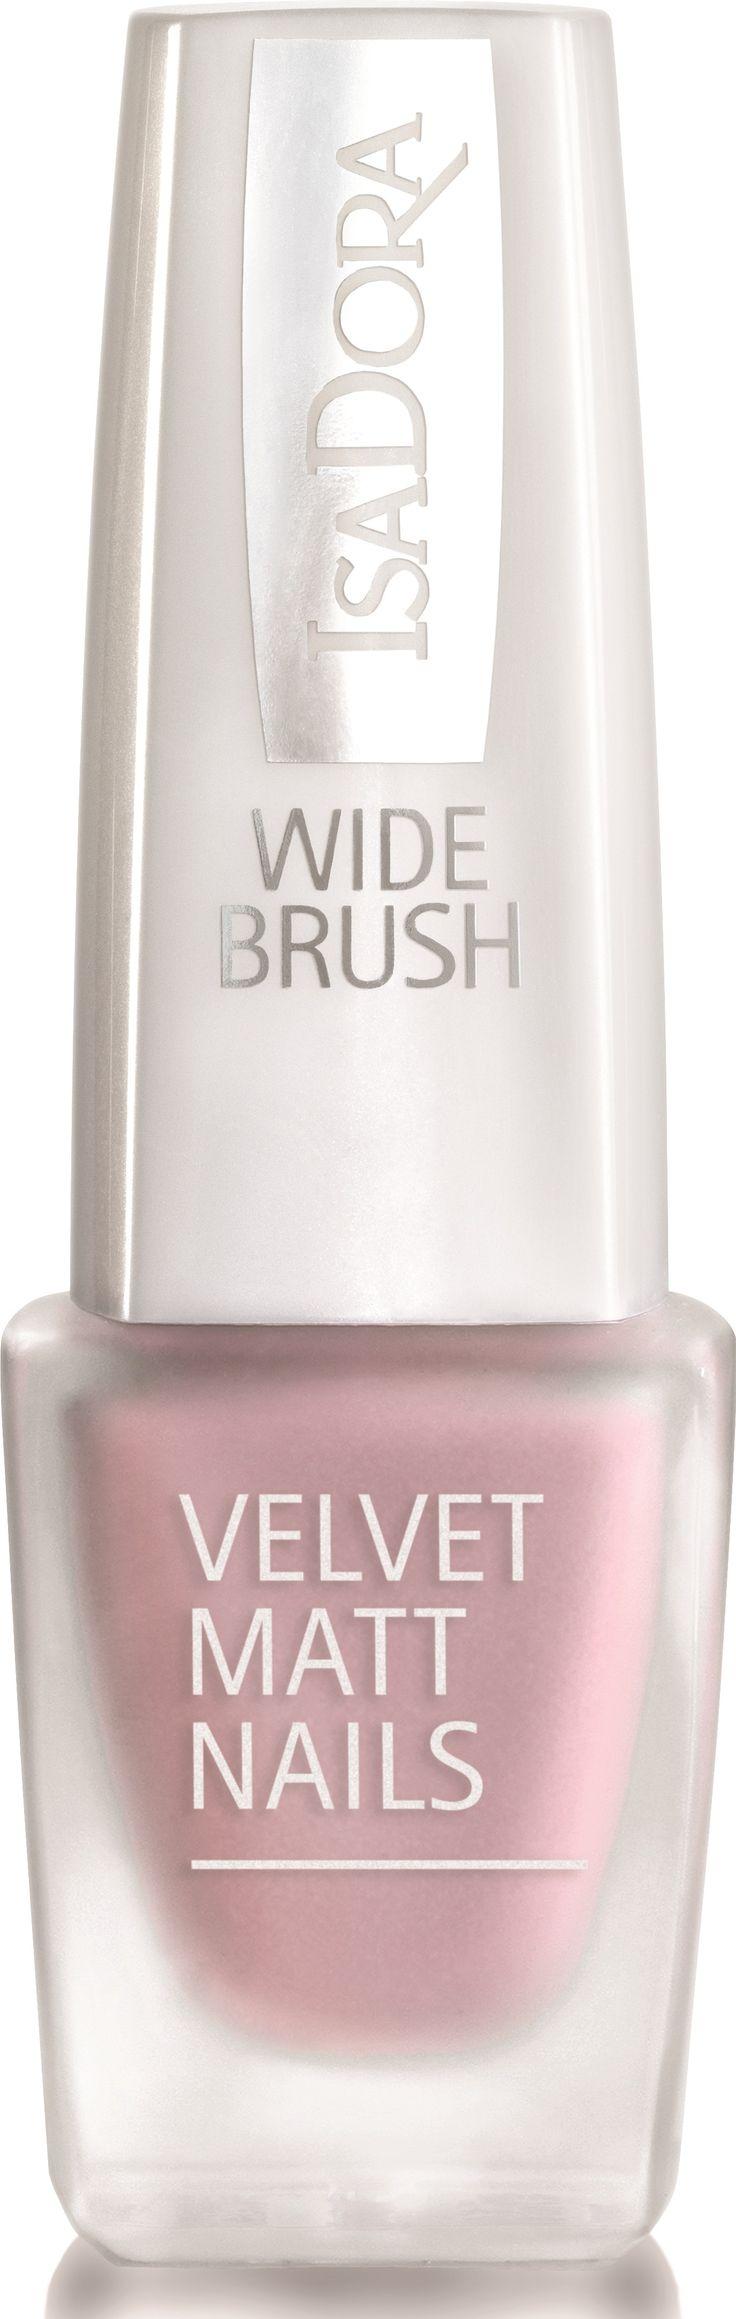 Skapa trendigt matta naglar med sammetslen yta! IsaDora Velvet Matt Nails nagellack är ett h...